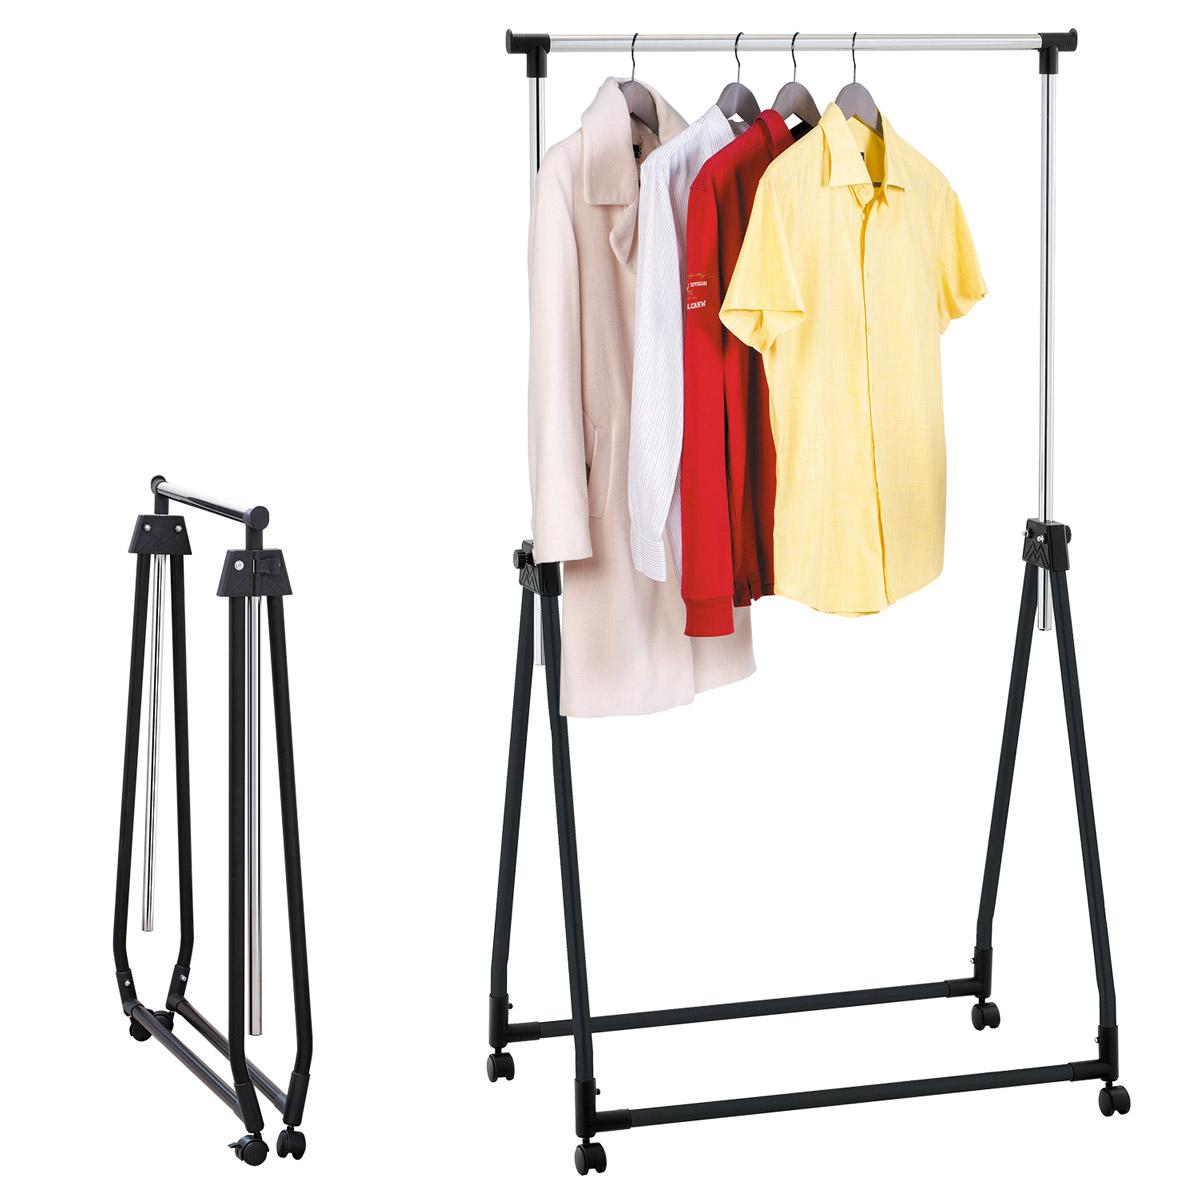 """Стойка для одежды Tatkraft """"Halland"""" изготовлена из хромированной стали. На такую стойку удобно вешать одежду, при этом стойка не займет много места. Высота регулируемая, от 99 см до 167 см. Для удобного хранения и перемещения, стойка имеет складную конструкцию и 4 колесика.         Практичная и стильная стойка займет достойное место в вашем доме.               Размер стойки в сложенном виде: 89 см х 11 х 99 см.        Размер в разложенном виде: 89 см х 49 см х 99-167 см."""